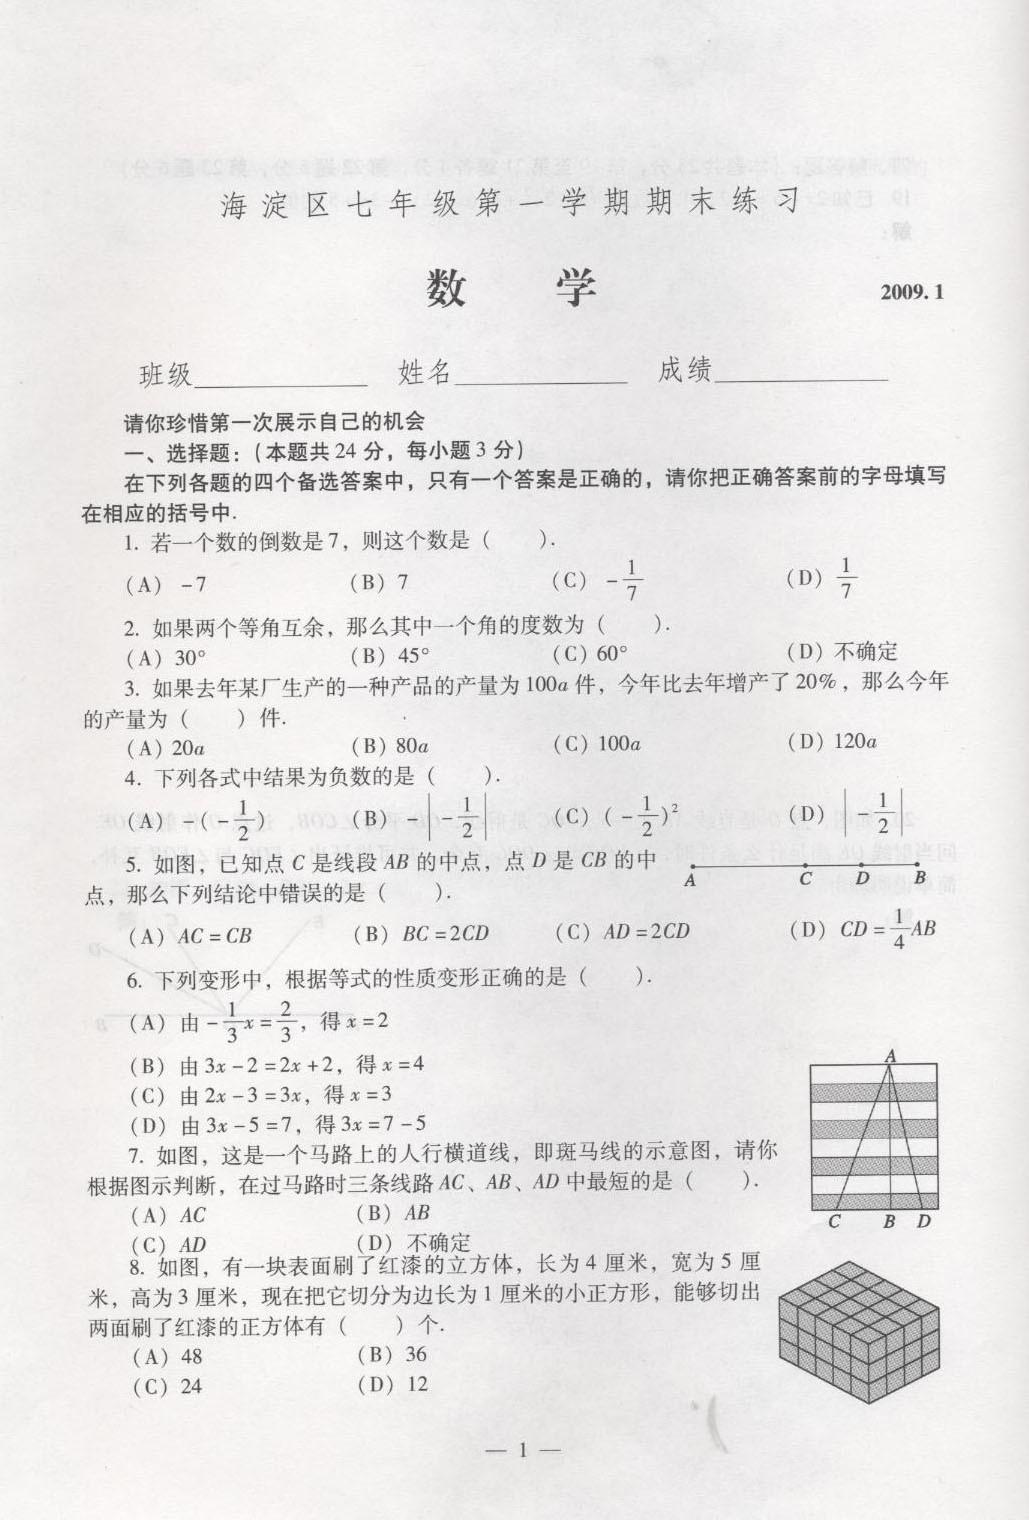 北京市海淀区初一数学期末考试题(含答案)初中生视频写真.图片